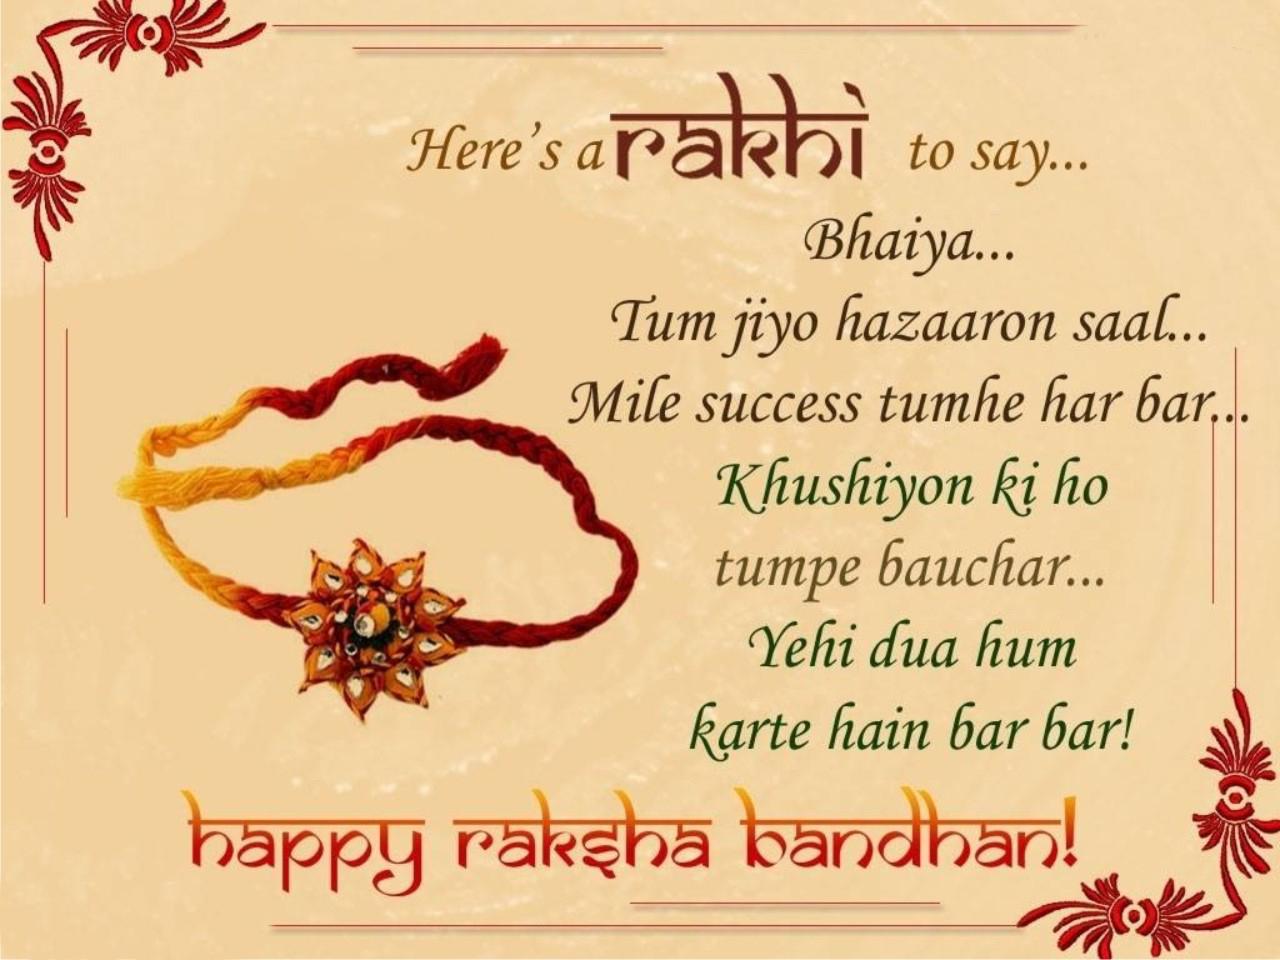 20 Most Beautiful Raksha Bandhan Images With Quotes Rakhi 2017